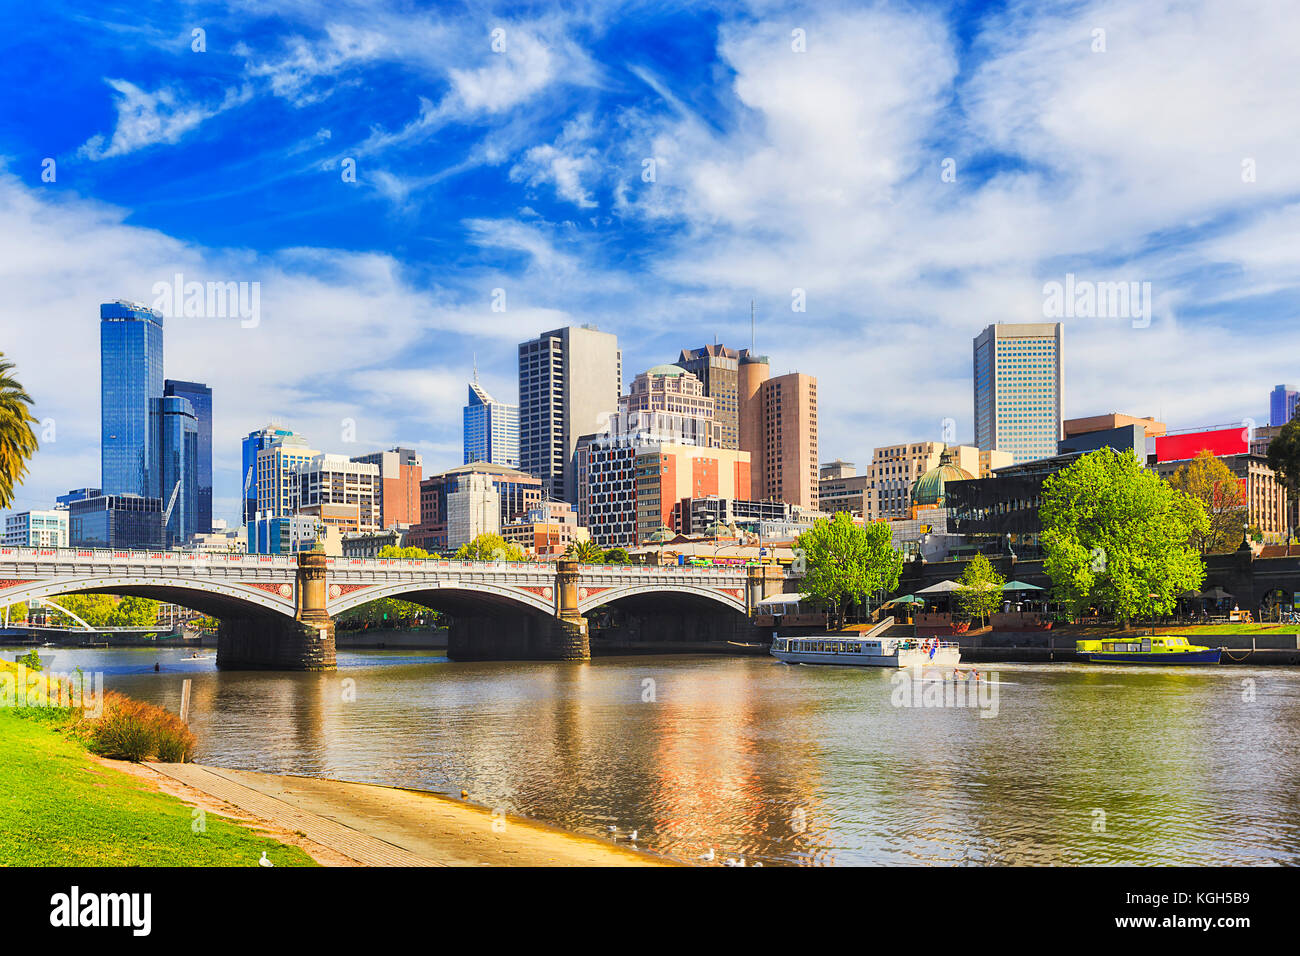 Princes bridge à Melbourne City à travers la rivière Yarra sur une journée ensoleillée en vue de hautes tours et de l'architecture urbaine moderne. Banque D'Images